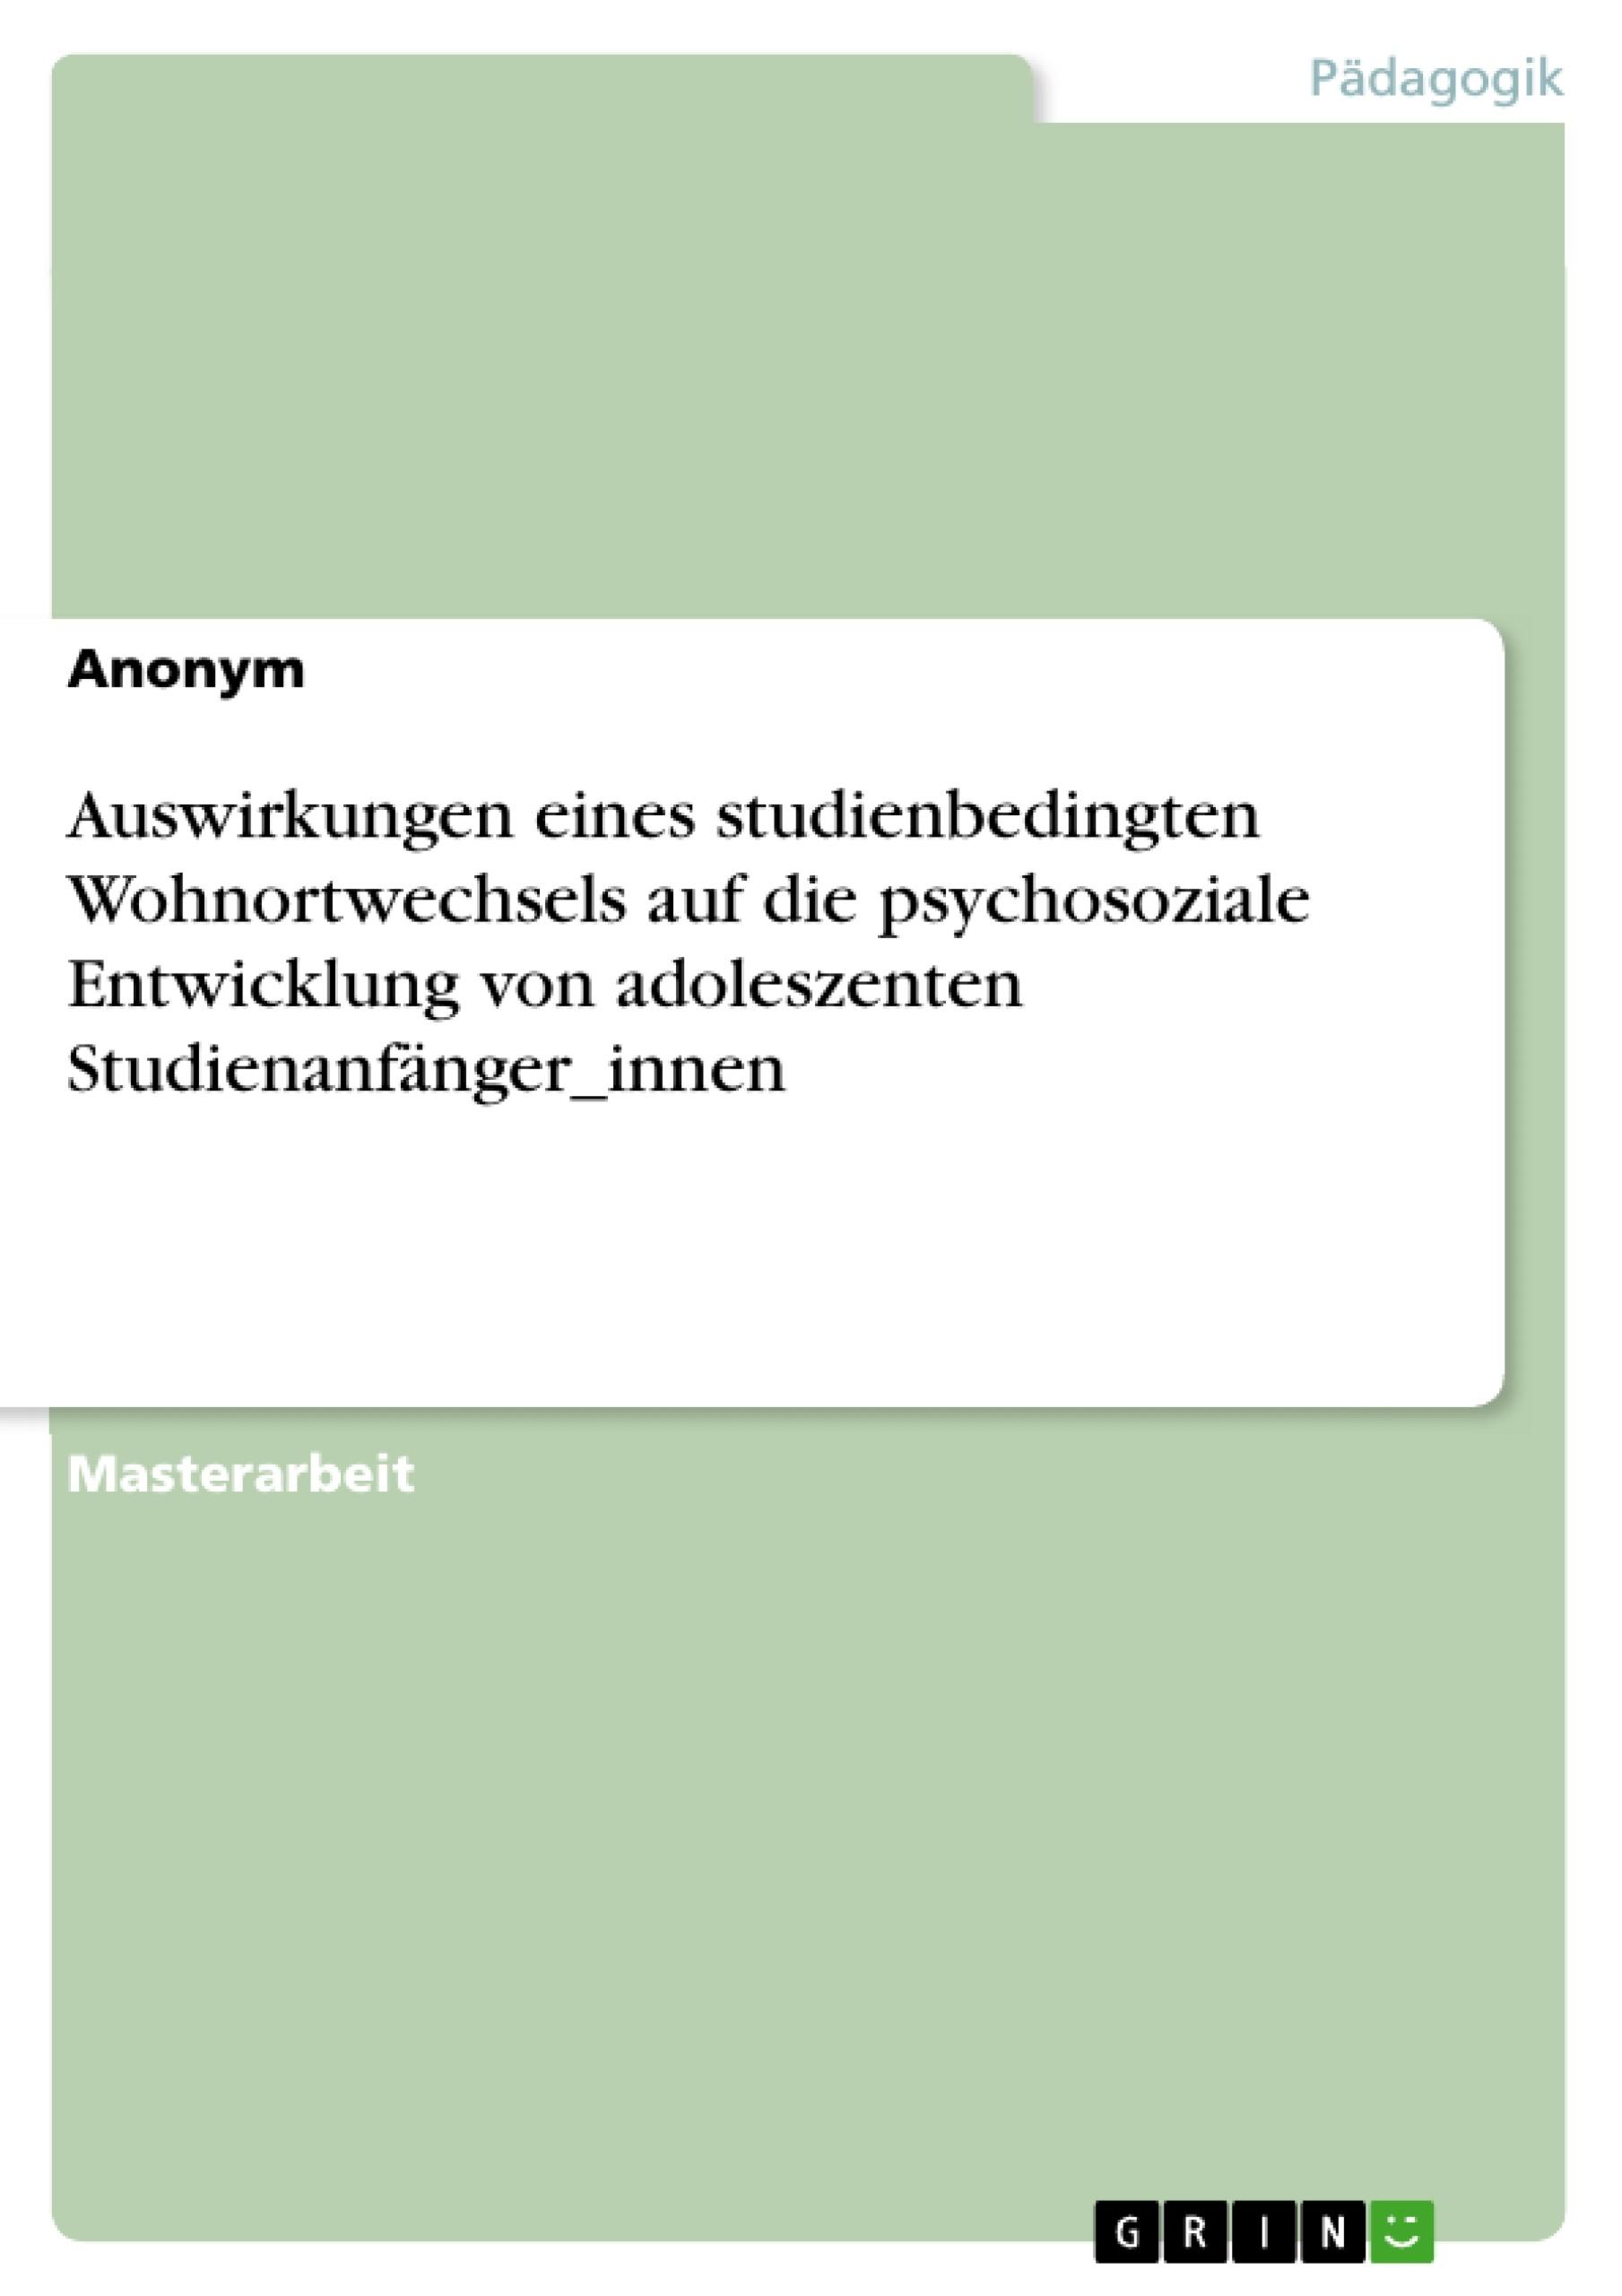 Titel: Auswirkungen eines studienbedingten Wohnortwechsels auf die psychosoziale Entwicklung von adoleszenten Studienanfänger_innen